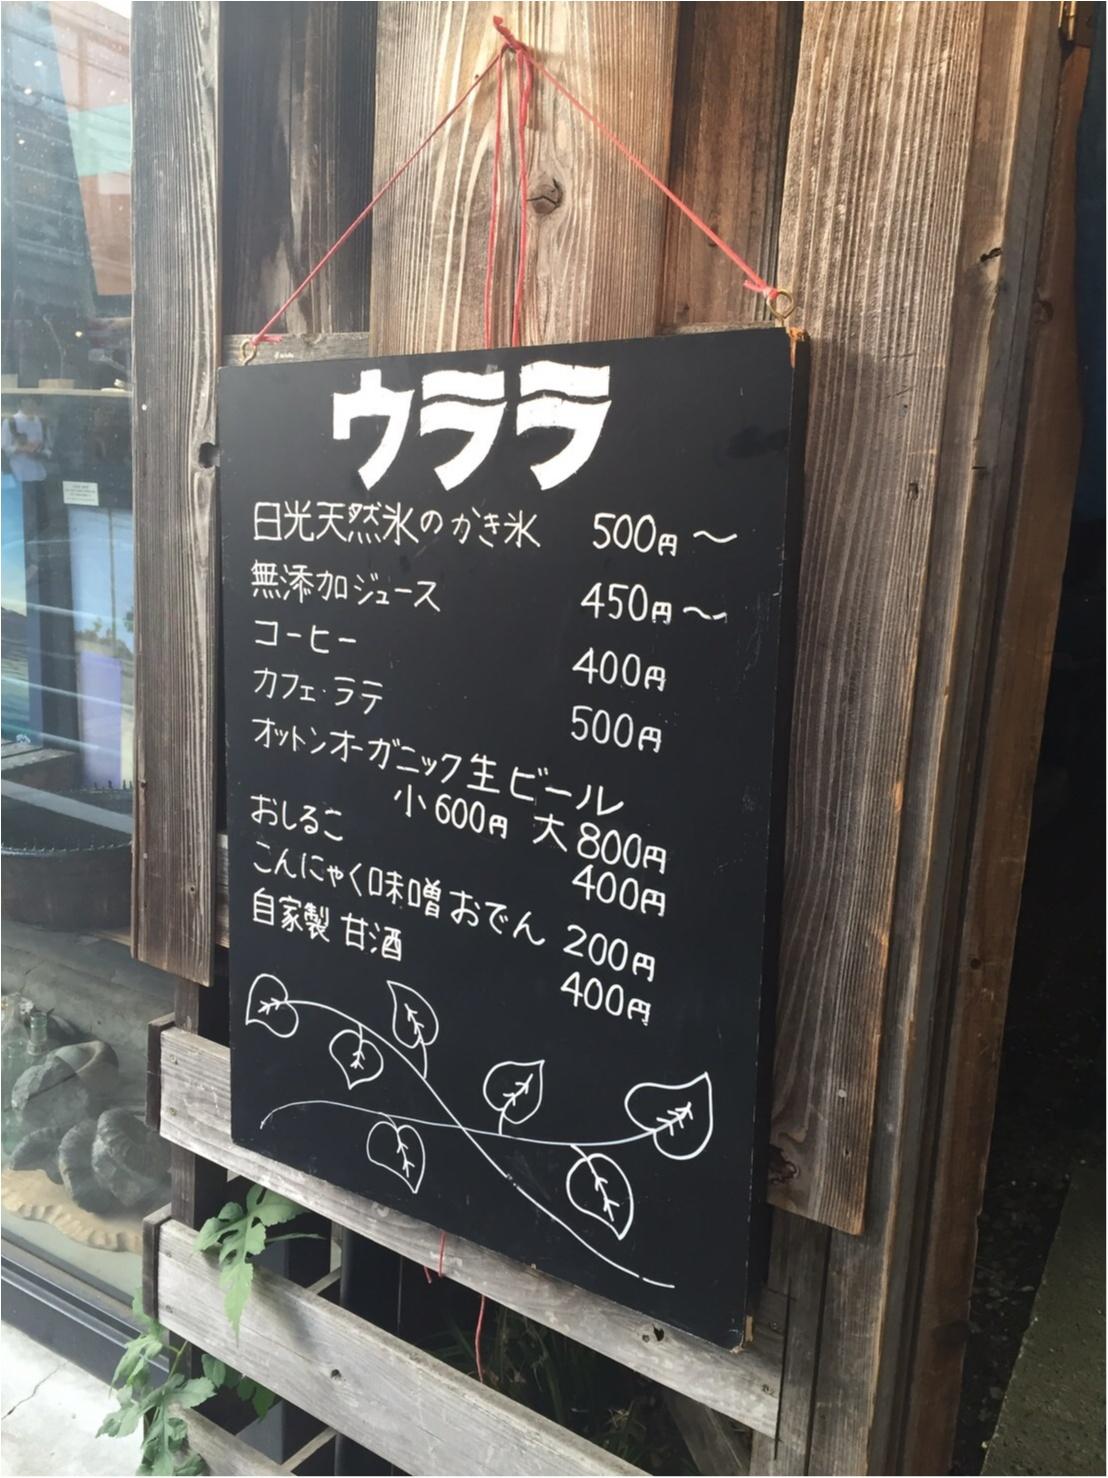 ♥カフェ巡り♥夏休みに行きたい!!代官山のカフェ♡_3